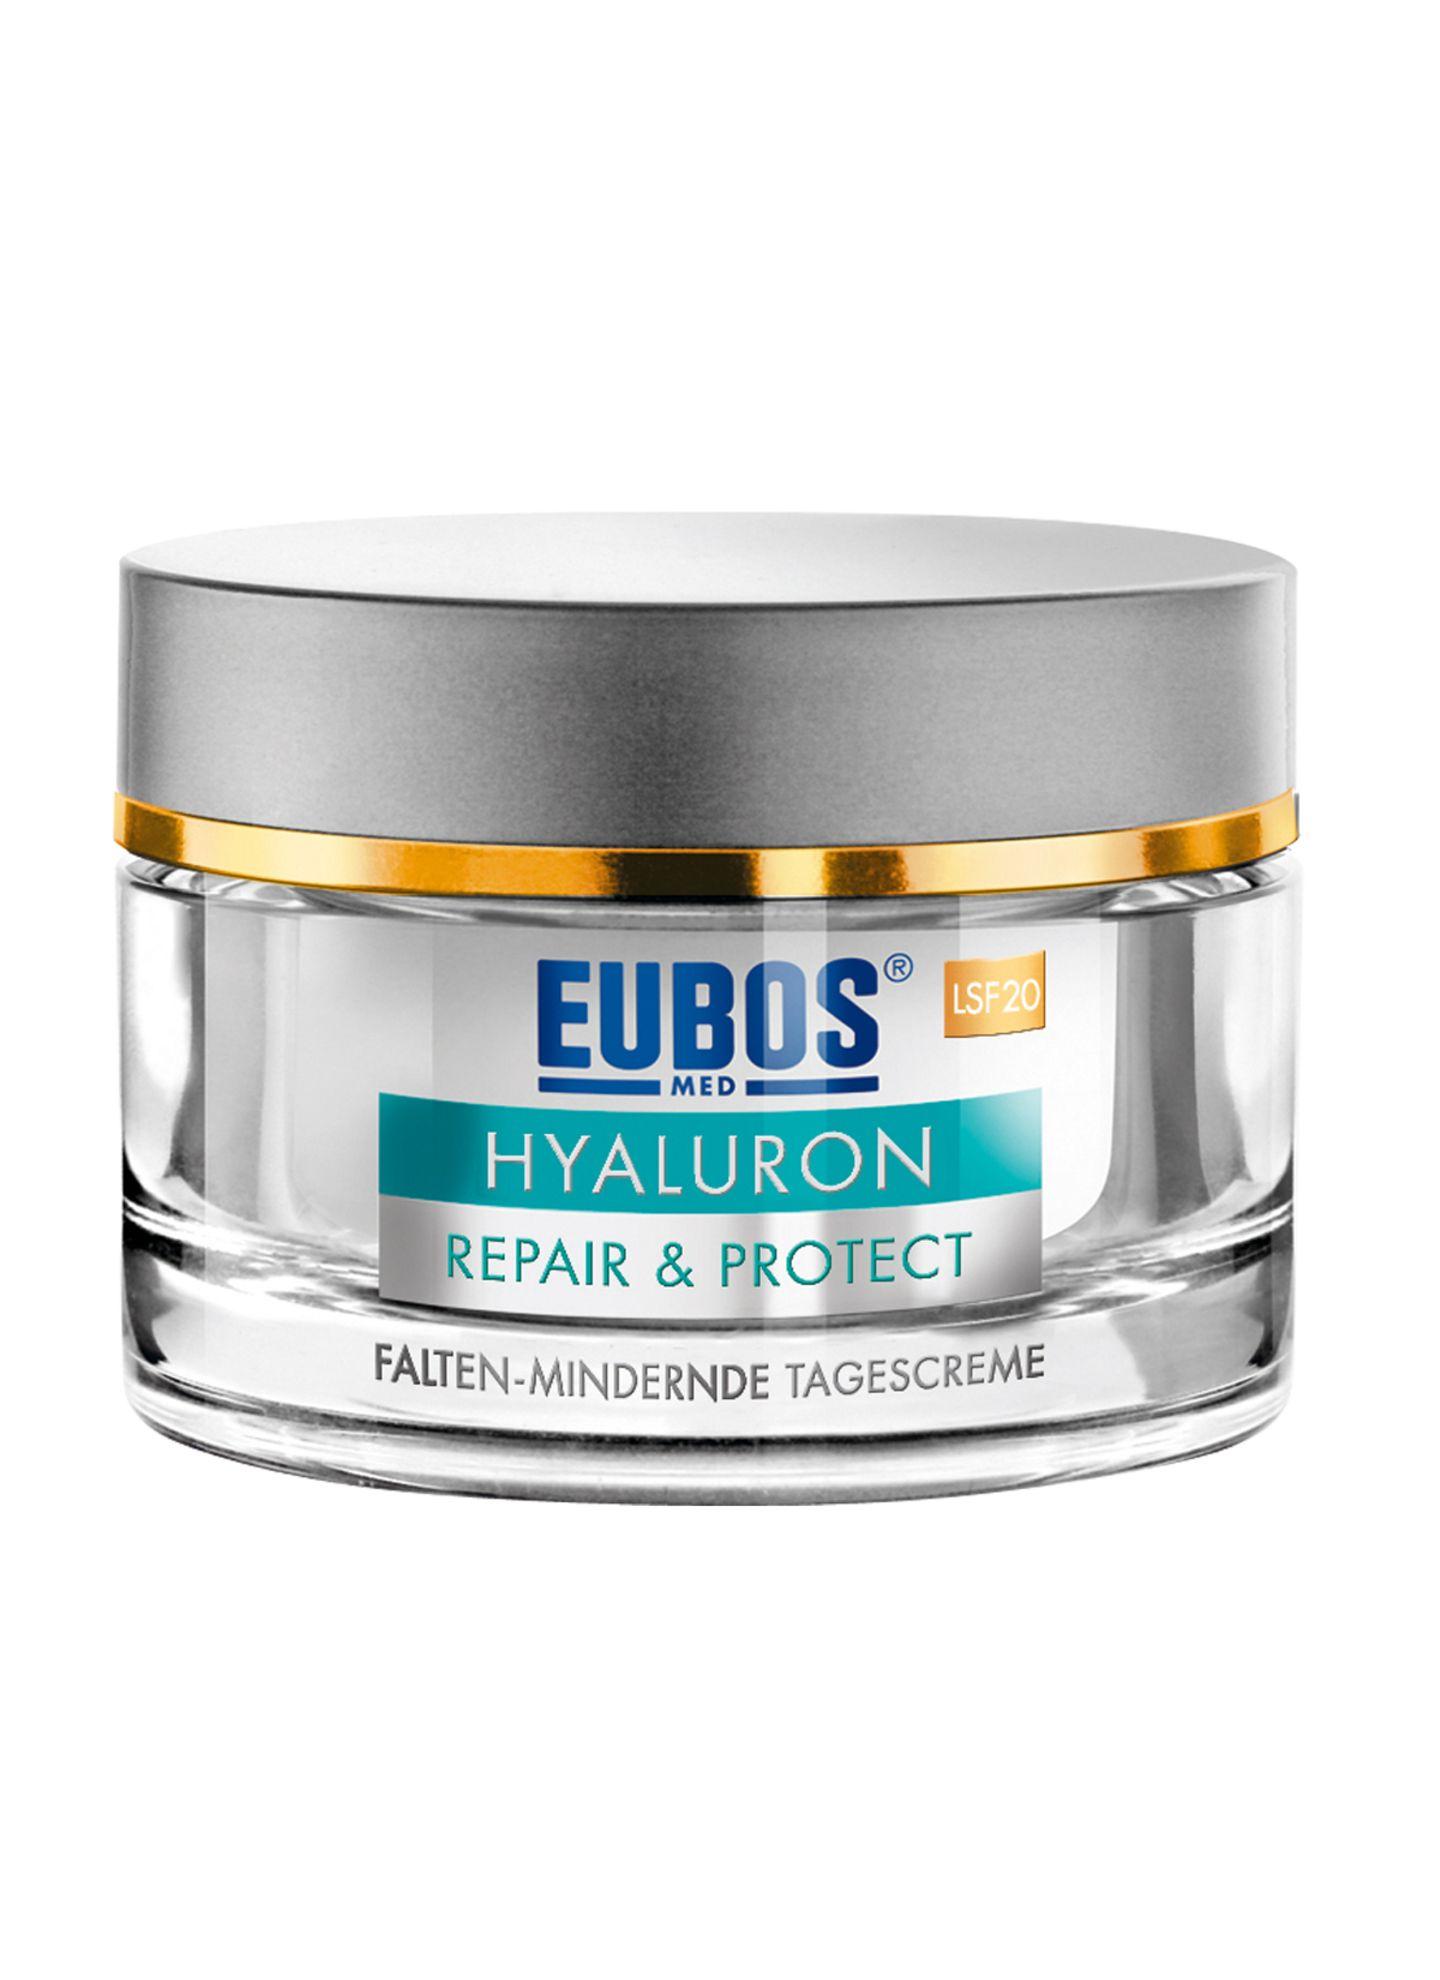 """Die """"Hyaluron Repair & Protect""""-Tagescreme mit LSF 20 schirmt UV-Strahlen ab. Von Eubos, 50 ml, ca. 25 Euro, in Apotheken"""